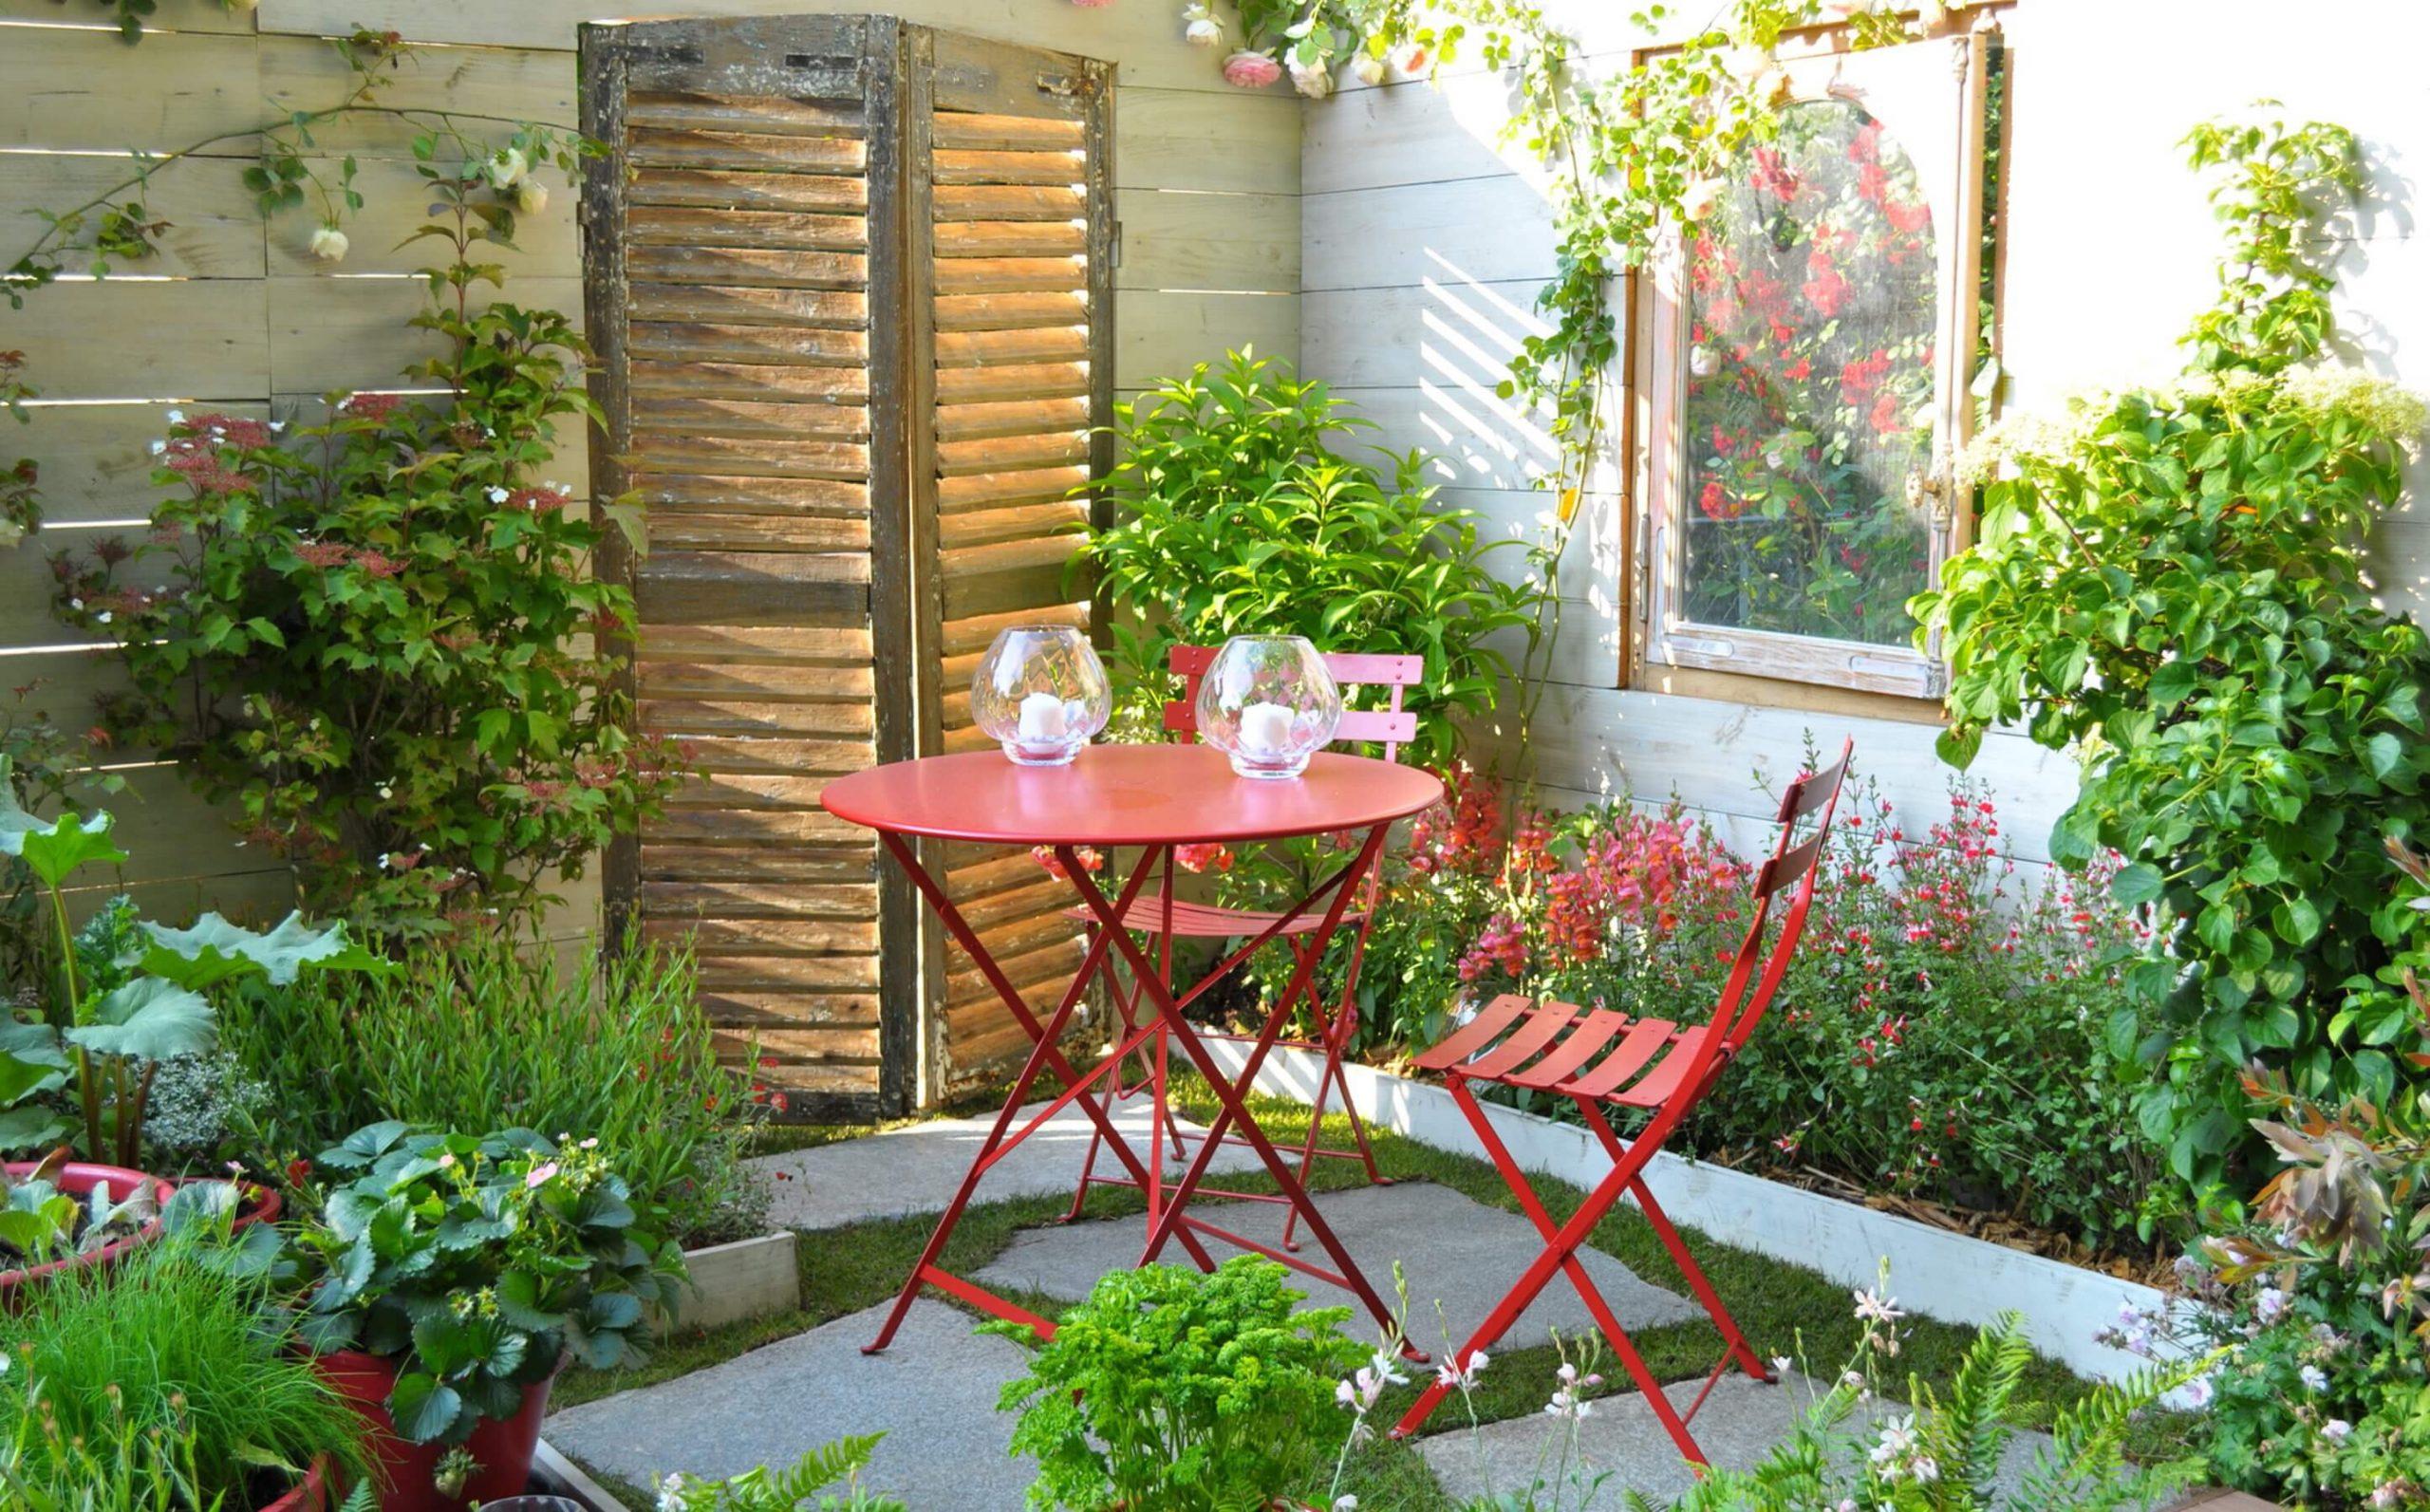 Comment Créer Un Petit Jardin De Ville ? - Le Blog De ... encequiconcerne Arbre Pour Petit Jardin